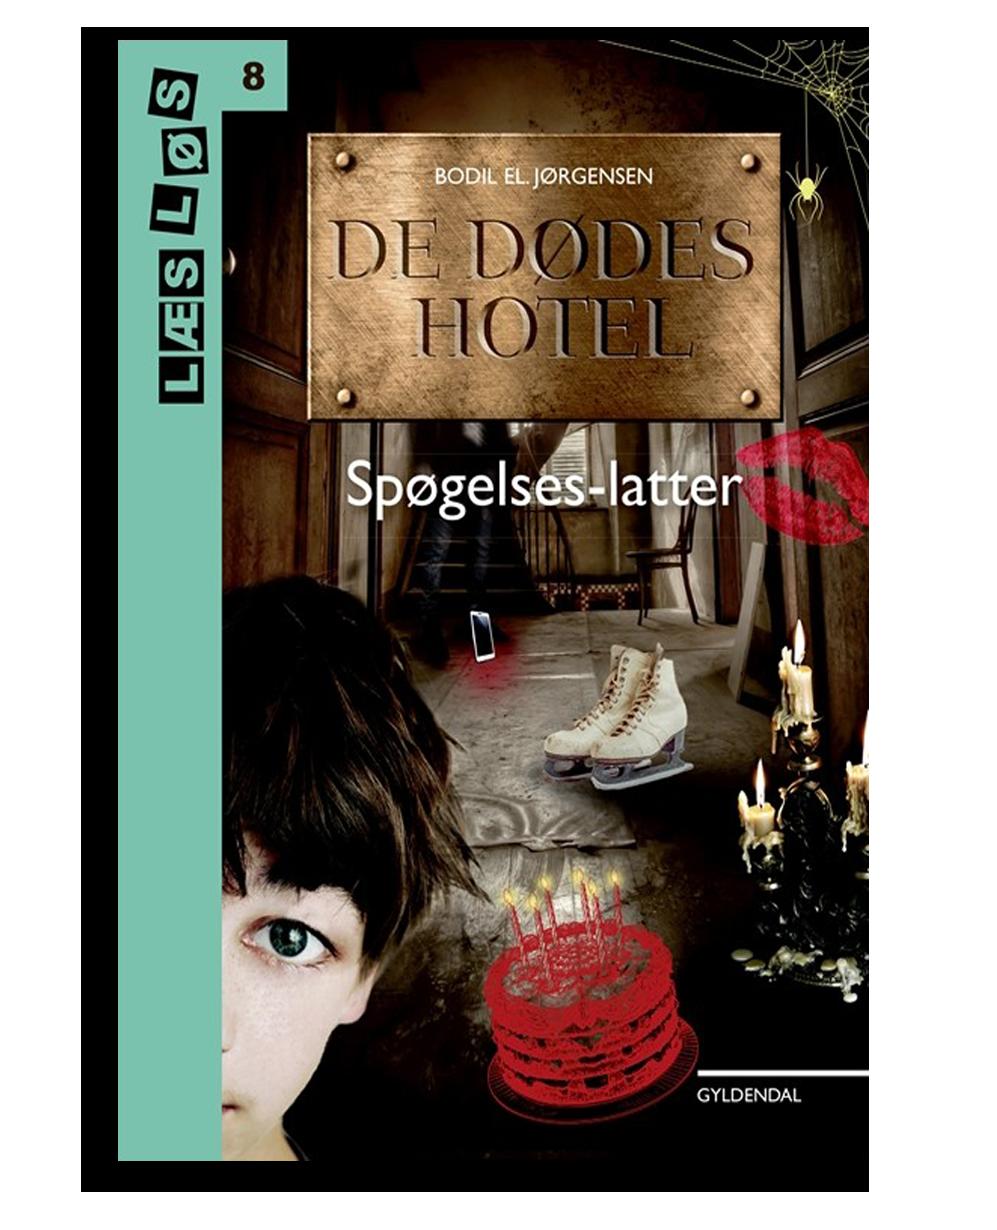 De dødes hotel_1.png